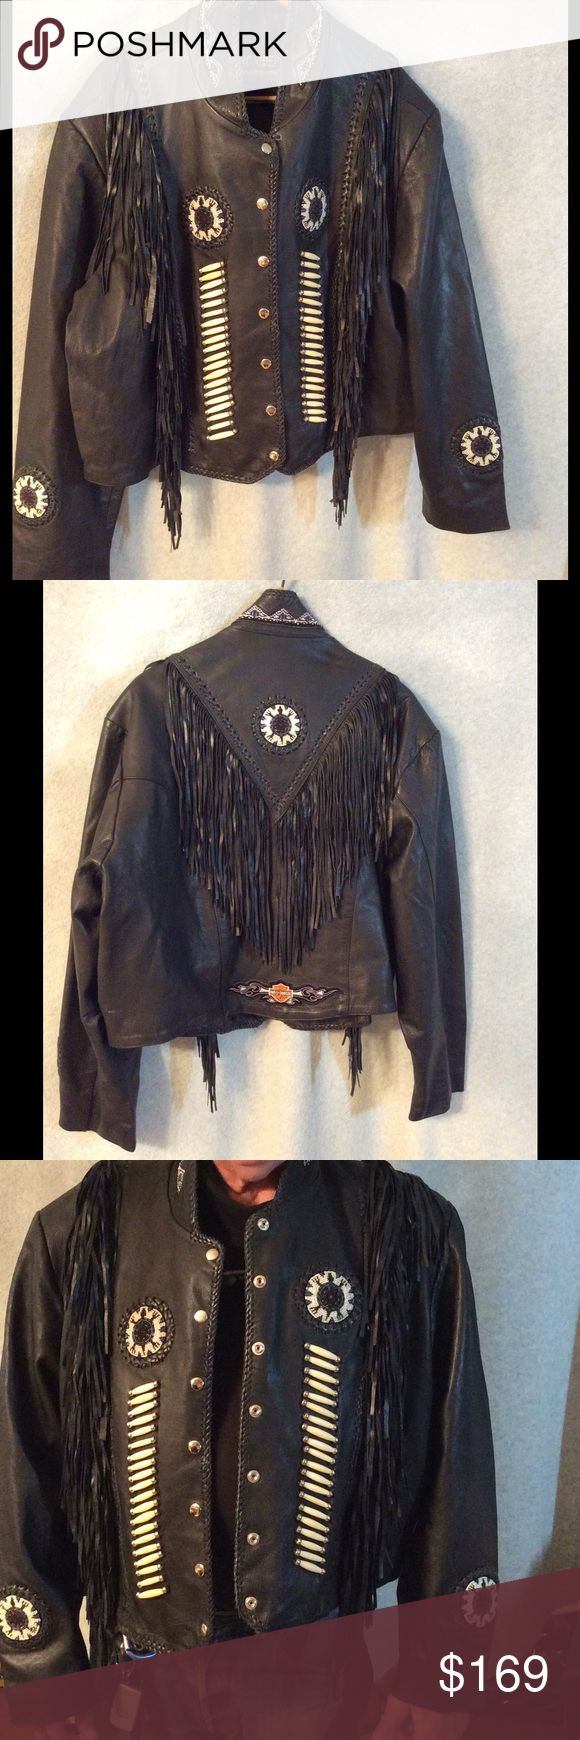 Leather jacket olx - Pro Rider Leather Indian Jacket